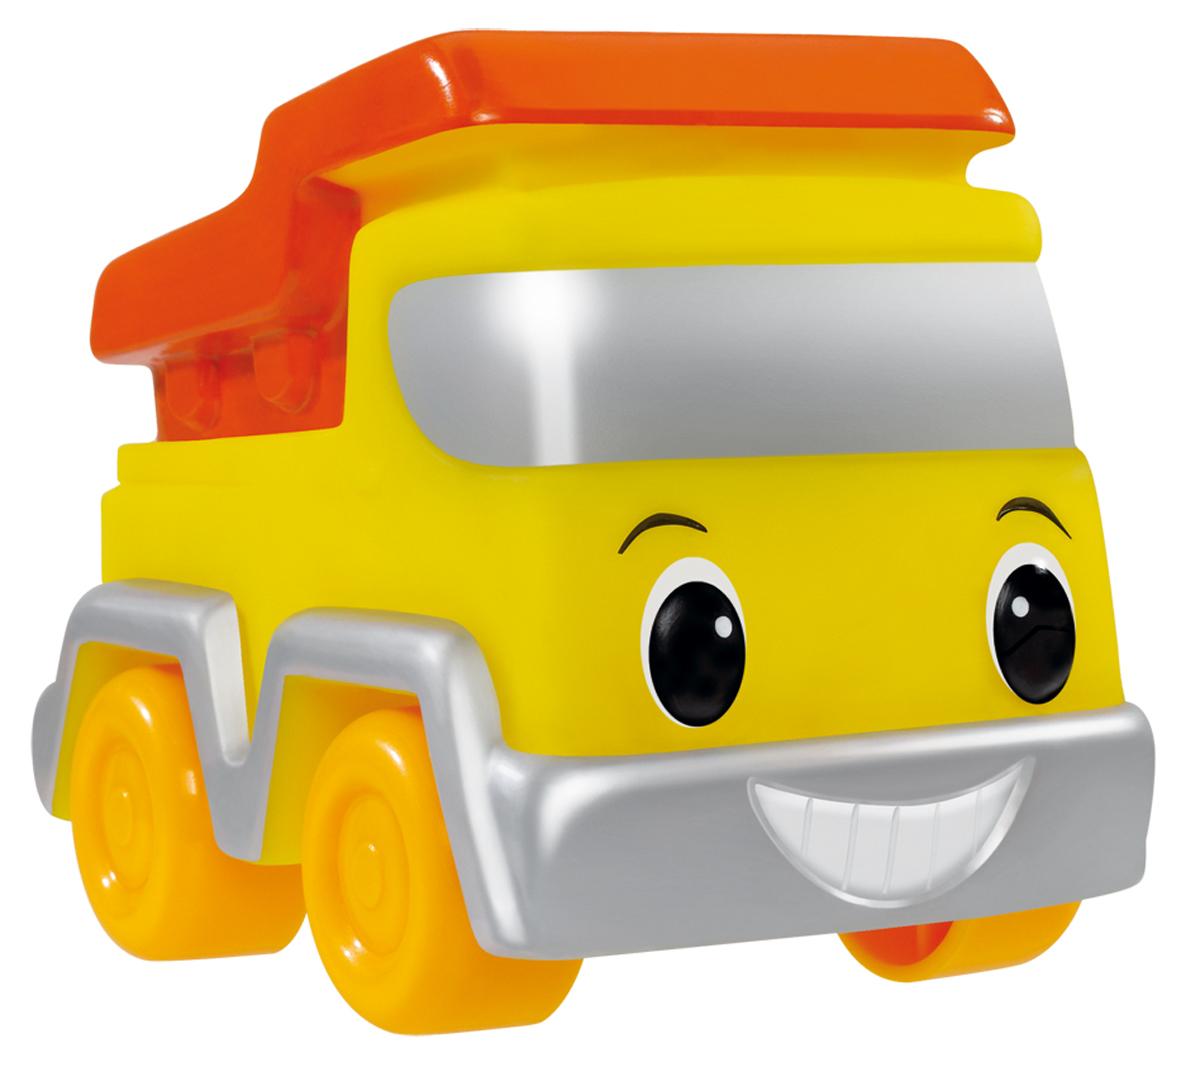 Simba Машинка цвет желтый оранжевый4019687_оранжевыйМашинка Simba обязательно понравится вашему маленькому гонщику и надолго увлечет его. Игрушка выполнена из безопасного гибкого пластика в виде грузовика. Колесики выполнены из твердого пластика. Машинка имеет обтекаемую форму без острых углов, благодаря чему игра с ней совершенно безопасна для ребенка. Также игрушка имеет отверстие снизу, благодаря чему играть с ней можно и в ванной. Игры с такой машинкой развивают концентрацию внимания, координацию движений, мелкую и крупную моторику, цветовое восприятие и воображение. Малыш будет часами играть с этой машинкой, придумывая разные истории. Порадуйте своего ребенка таким замечательным подарком!